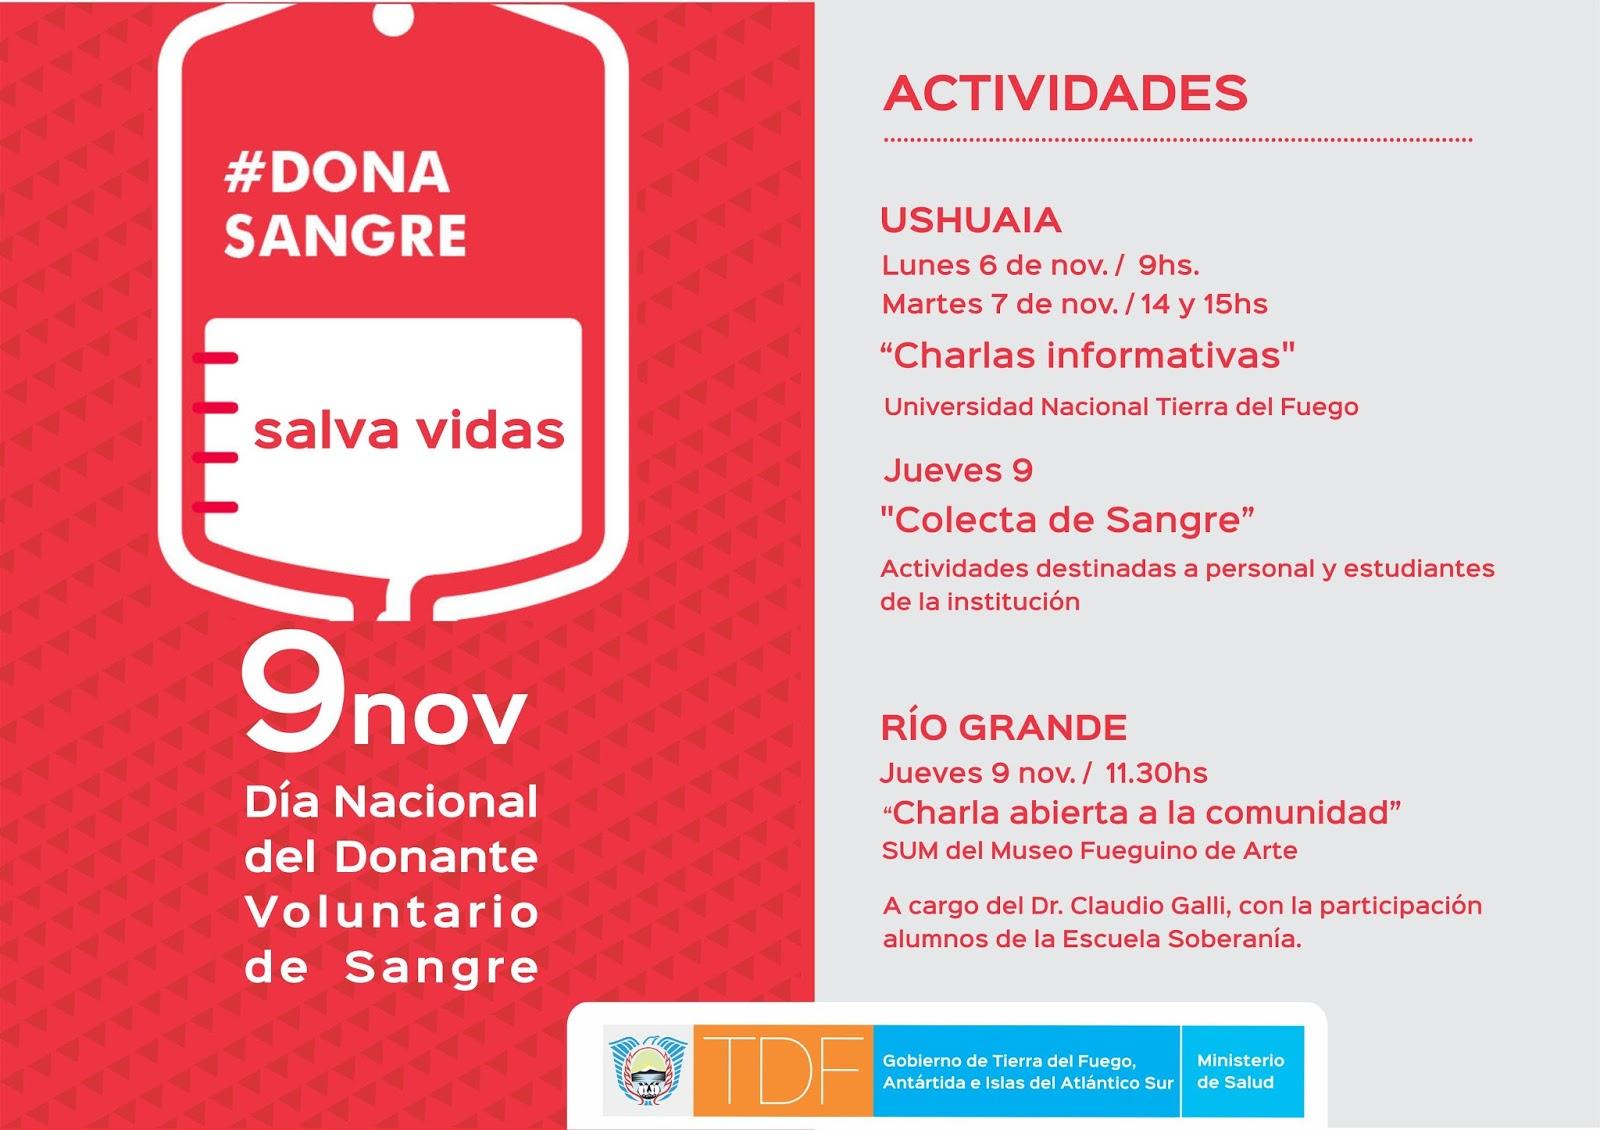 Día Nacional del Donante de Sangre: habrá colectas en el Cabildo Histórico